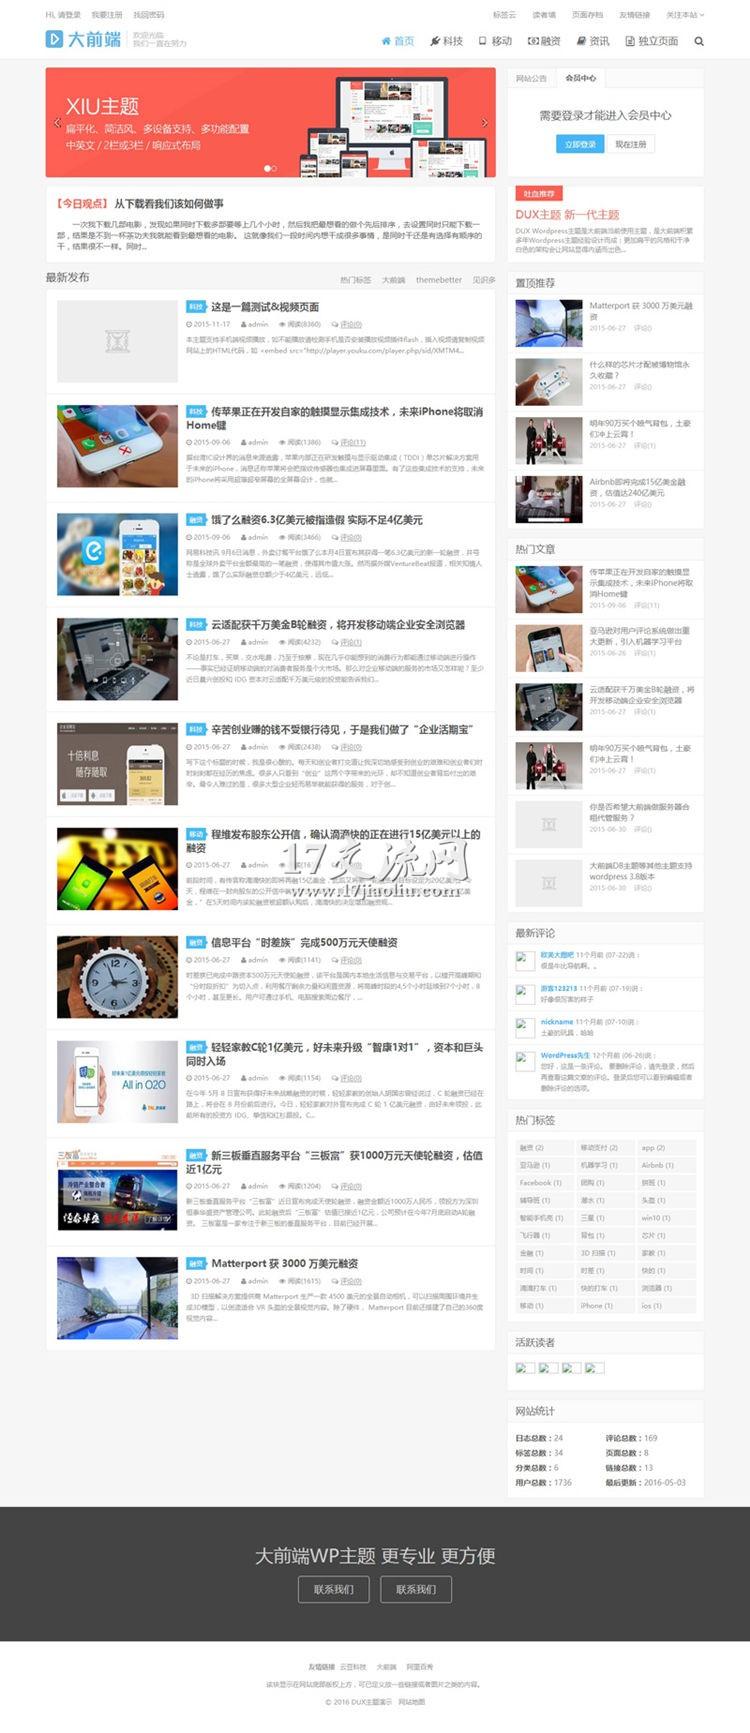 大前端DUXWordPress博客主题1.8版本